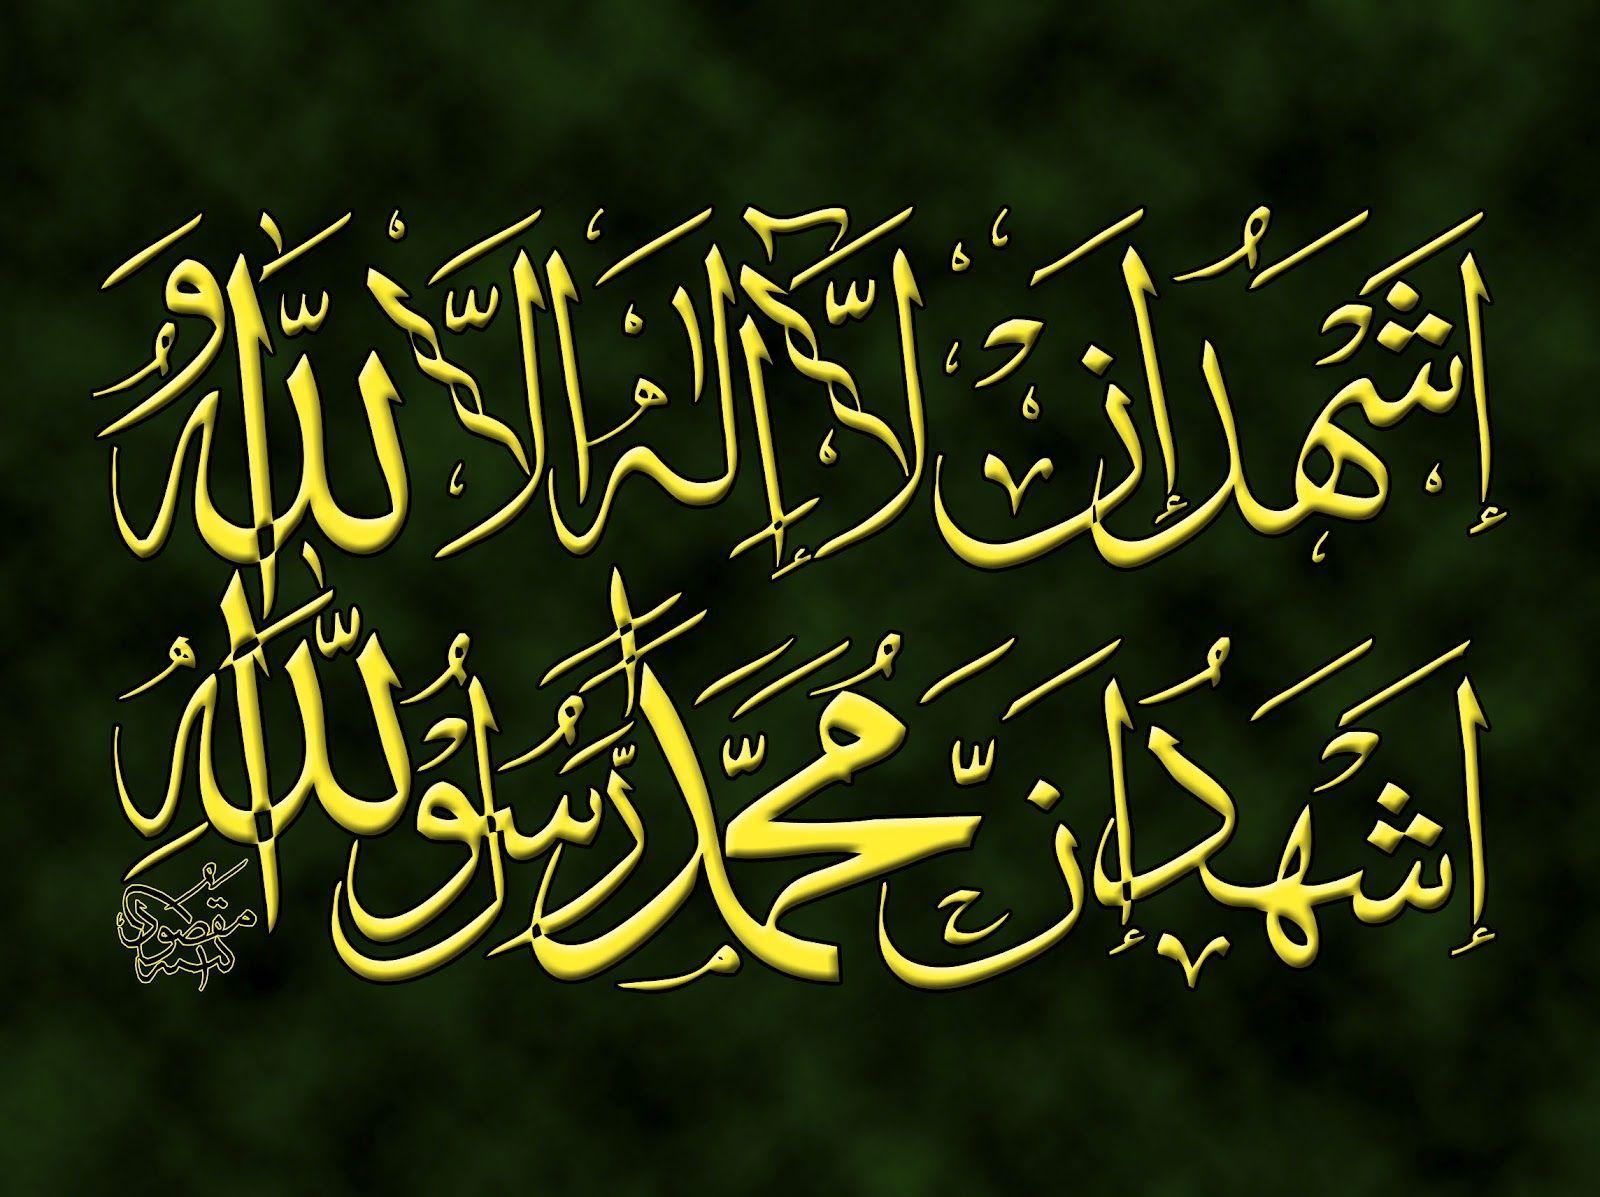 أشهد أن لا إله إلا الله وأشهد أن محمدا رسول الله Islamic Calligraphy Calligraphy Art Islamic Art Calligraphy